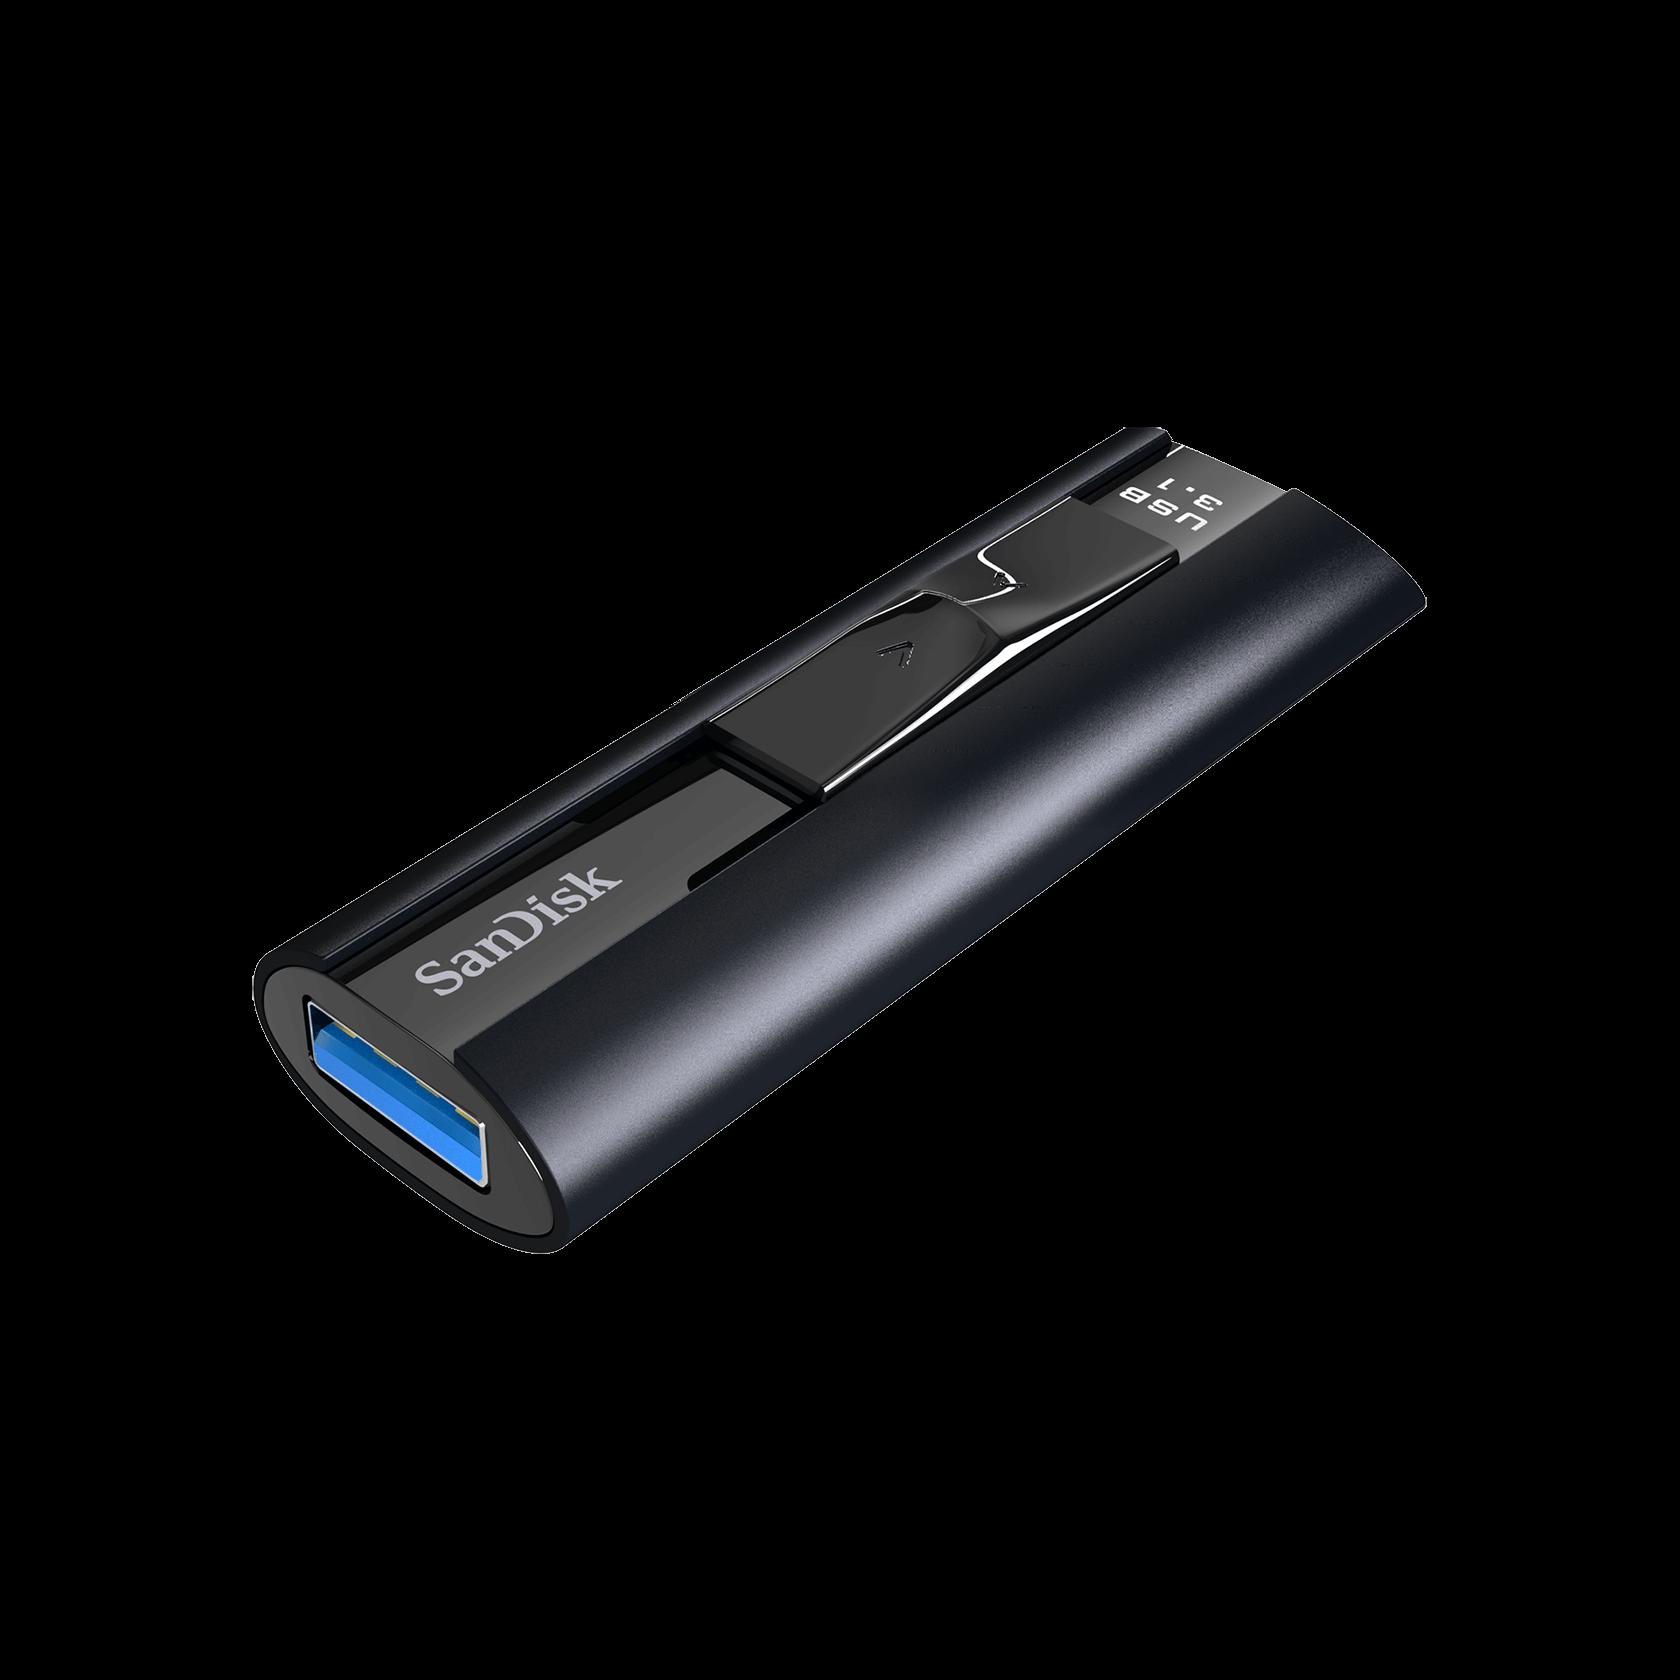 Sandisk Extrema Pro 128GB 256GB USB CZ880 USB 3.1 SSD R420//W380 Flash Drive